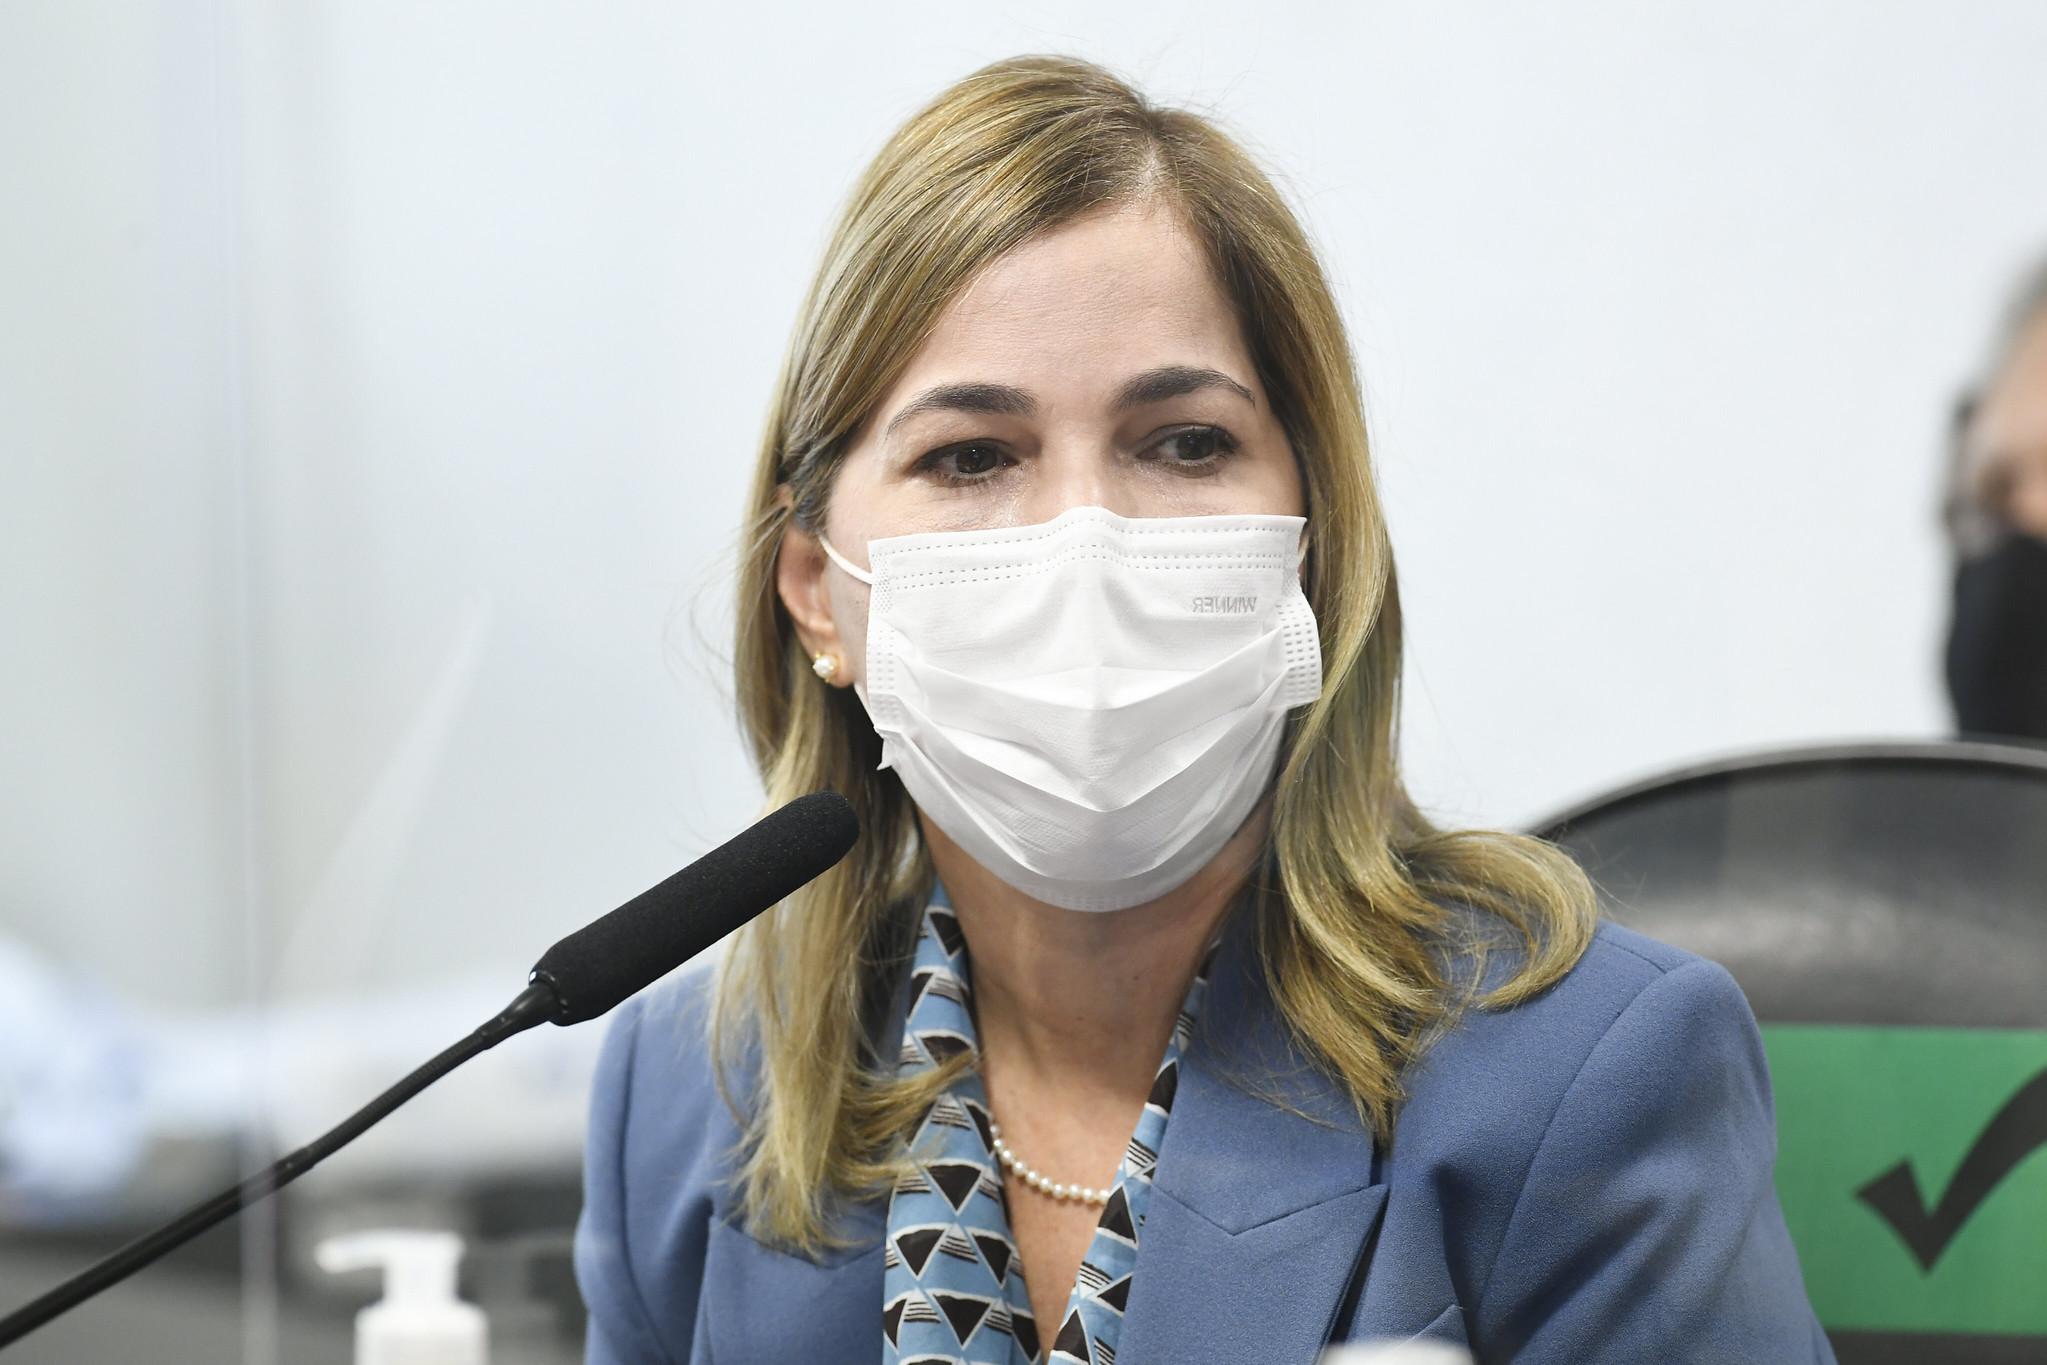 IMAGEM: 'Capitã Cloroquina' recebeu benefício irregular do governo, diz site